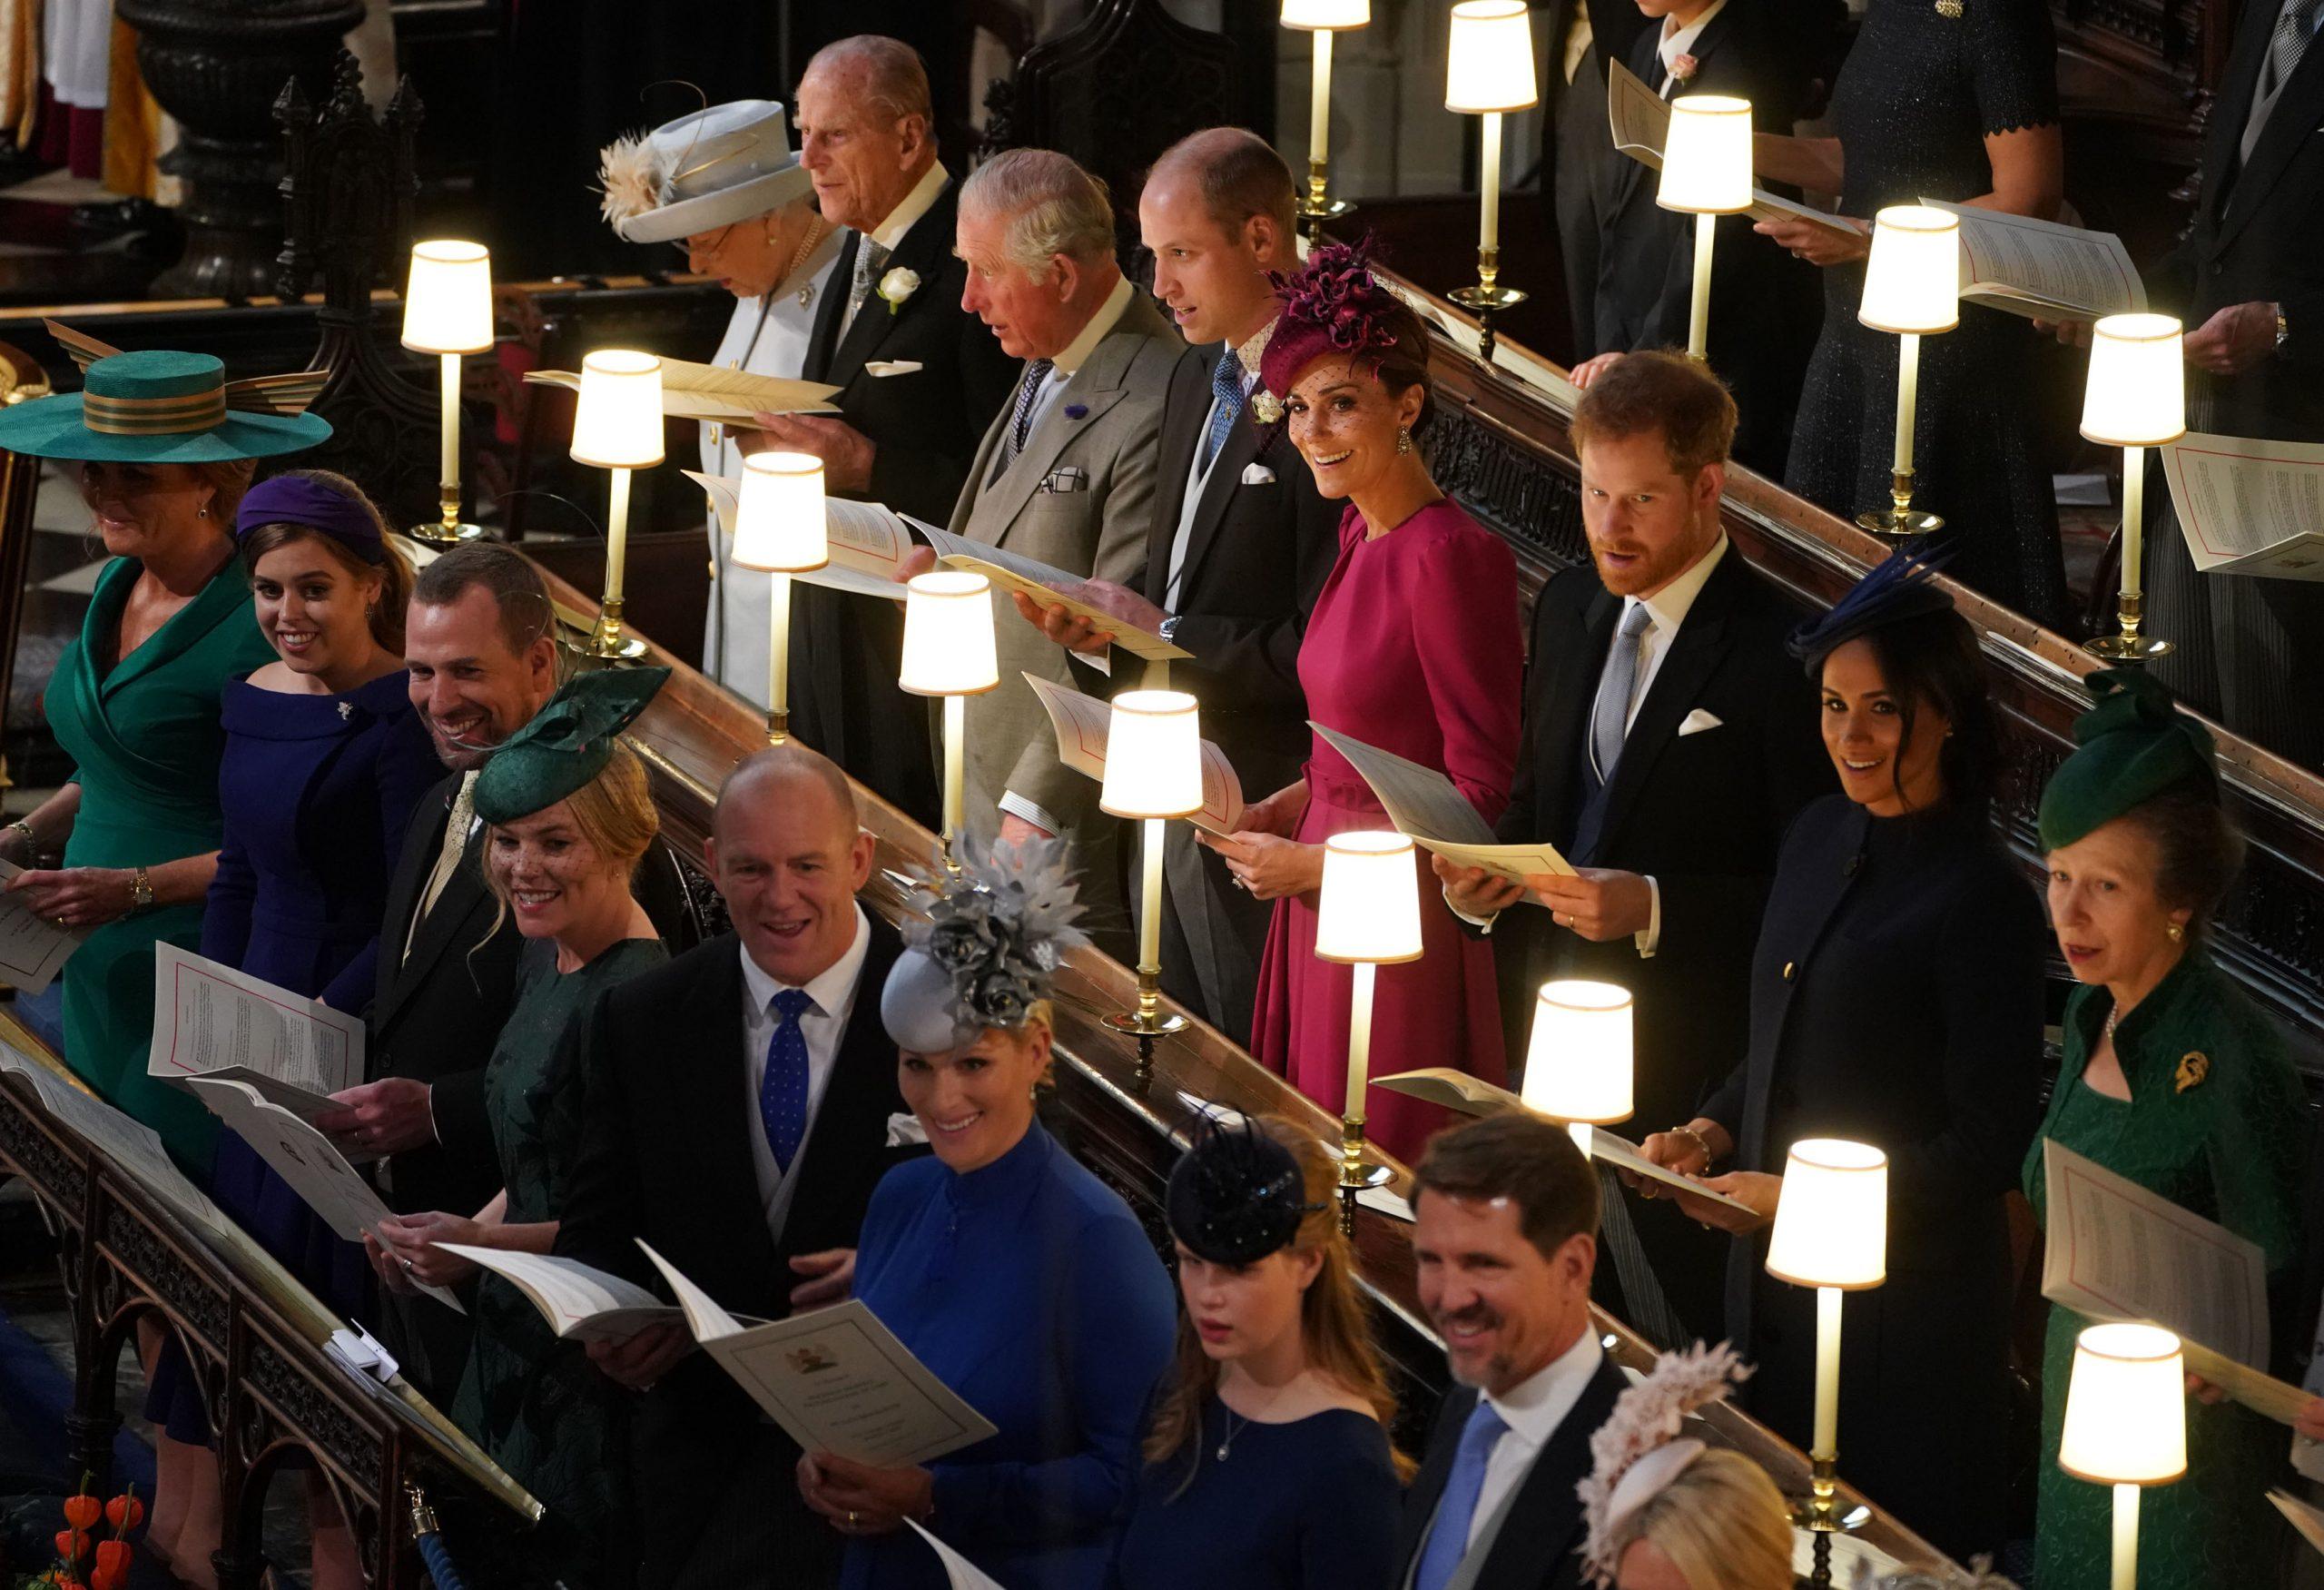 Une photo des petits-enfants de la reine lors du mariage de la princesse Eugenie en 2018.